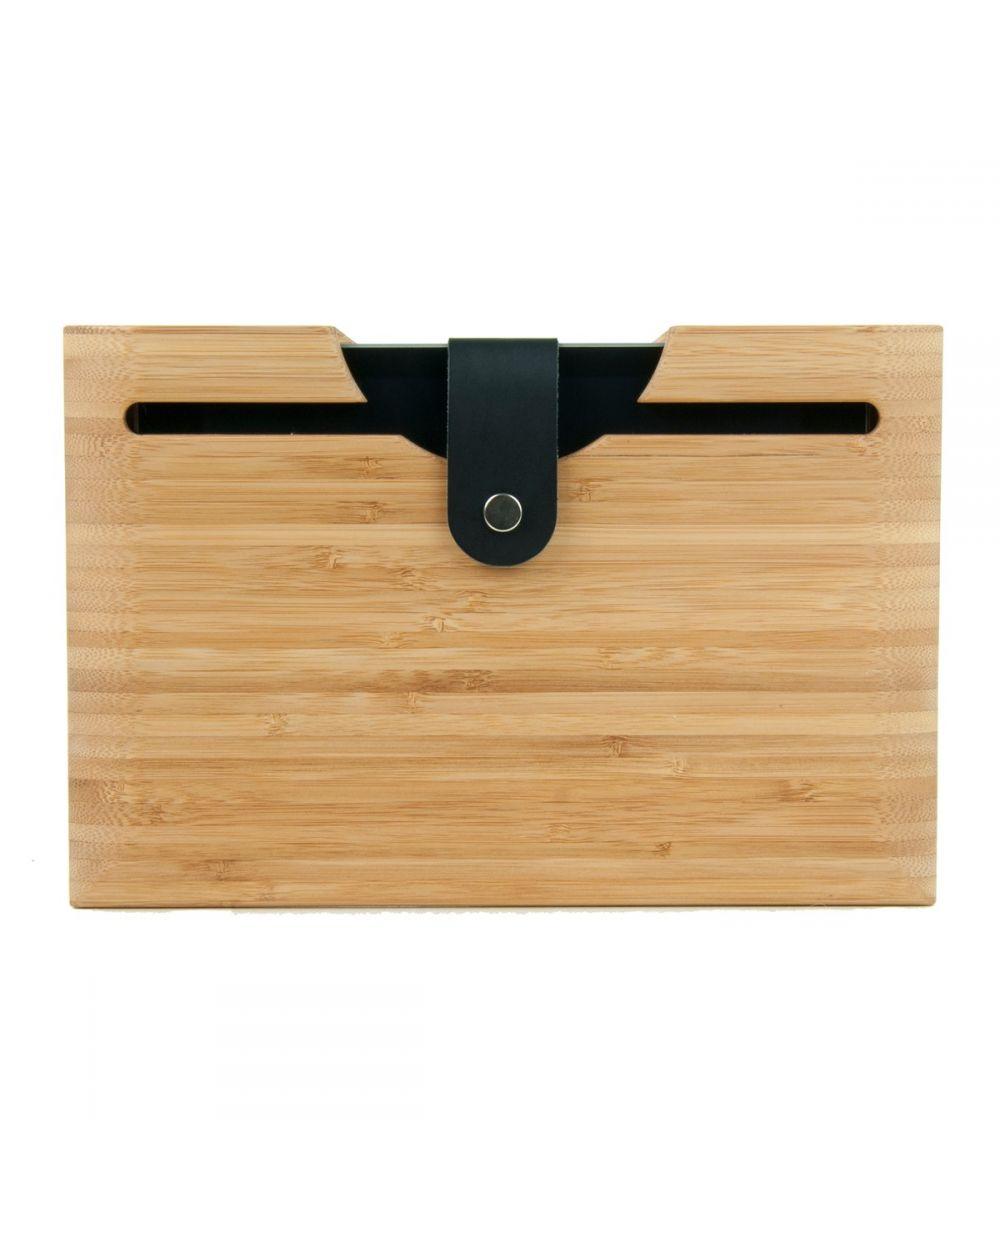 Etuit iPad en bois